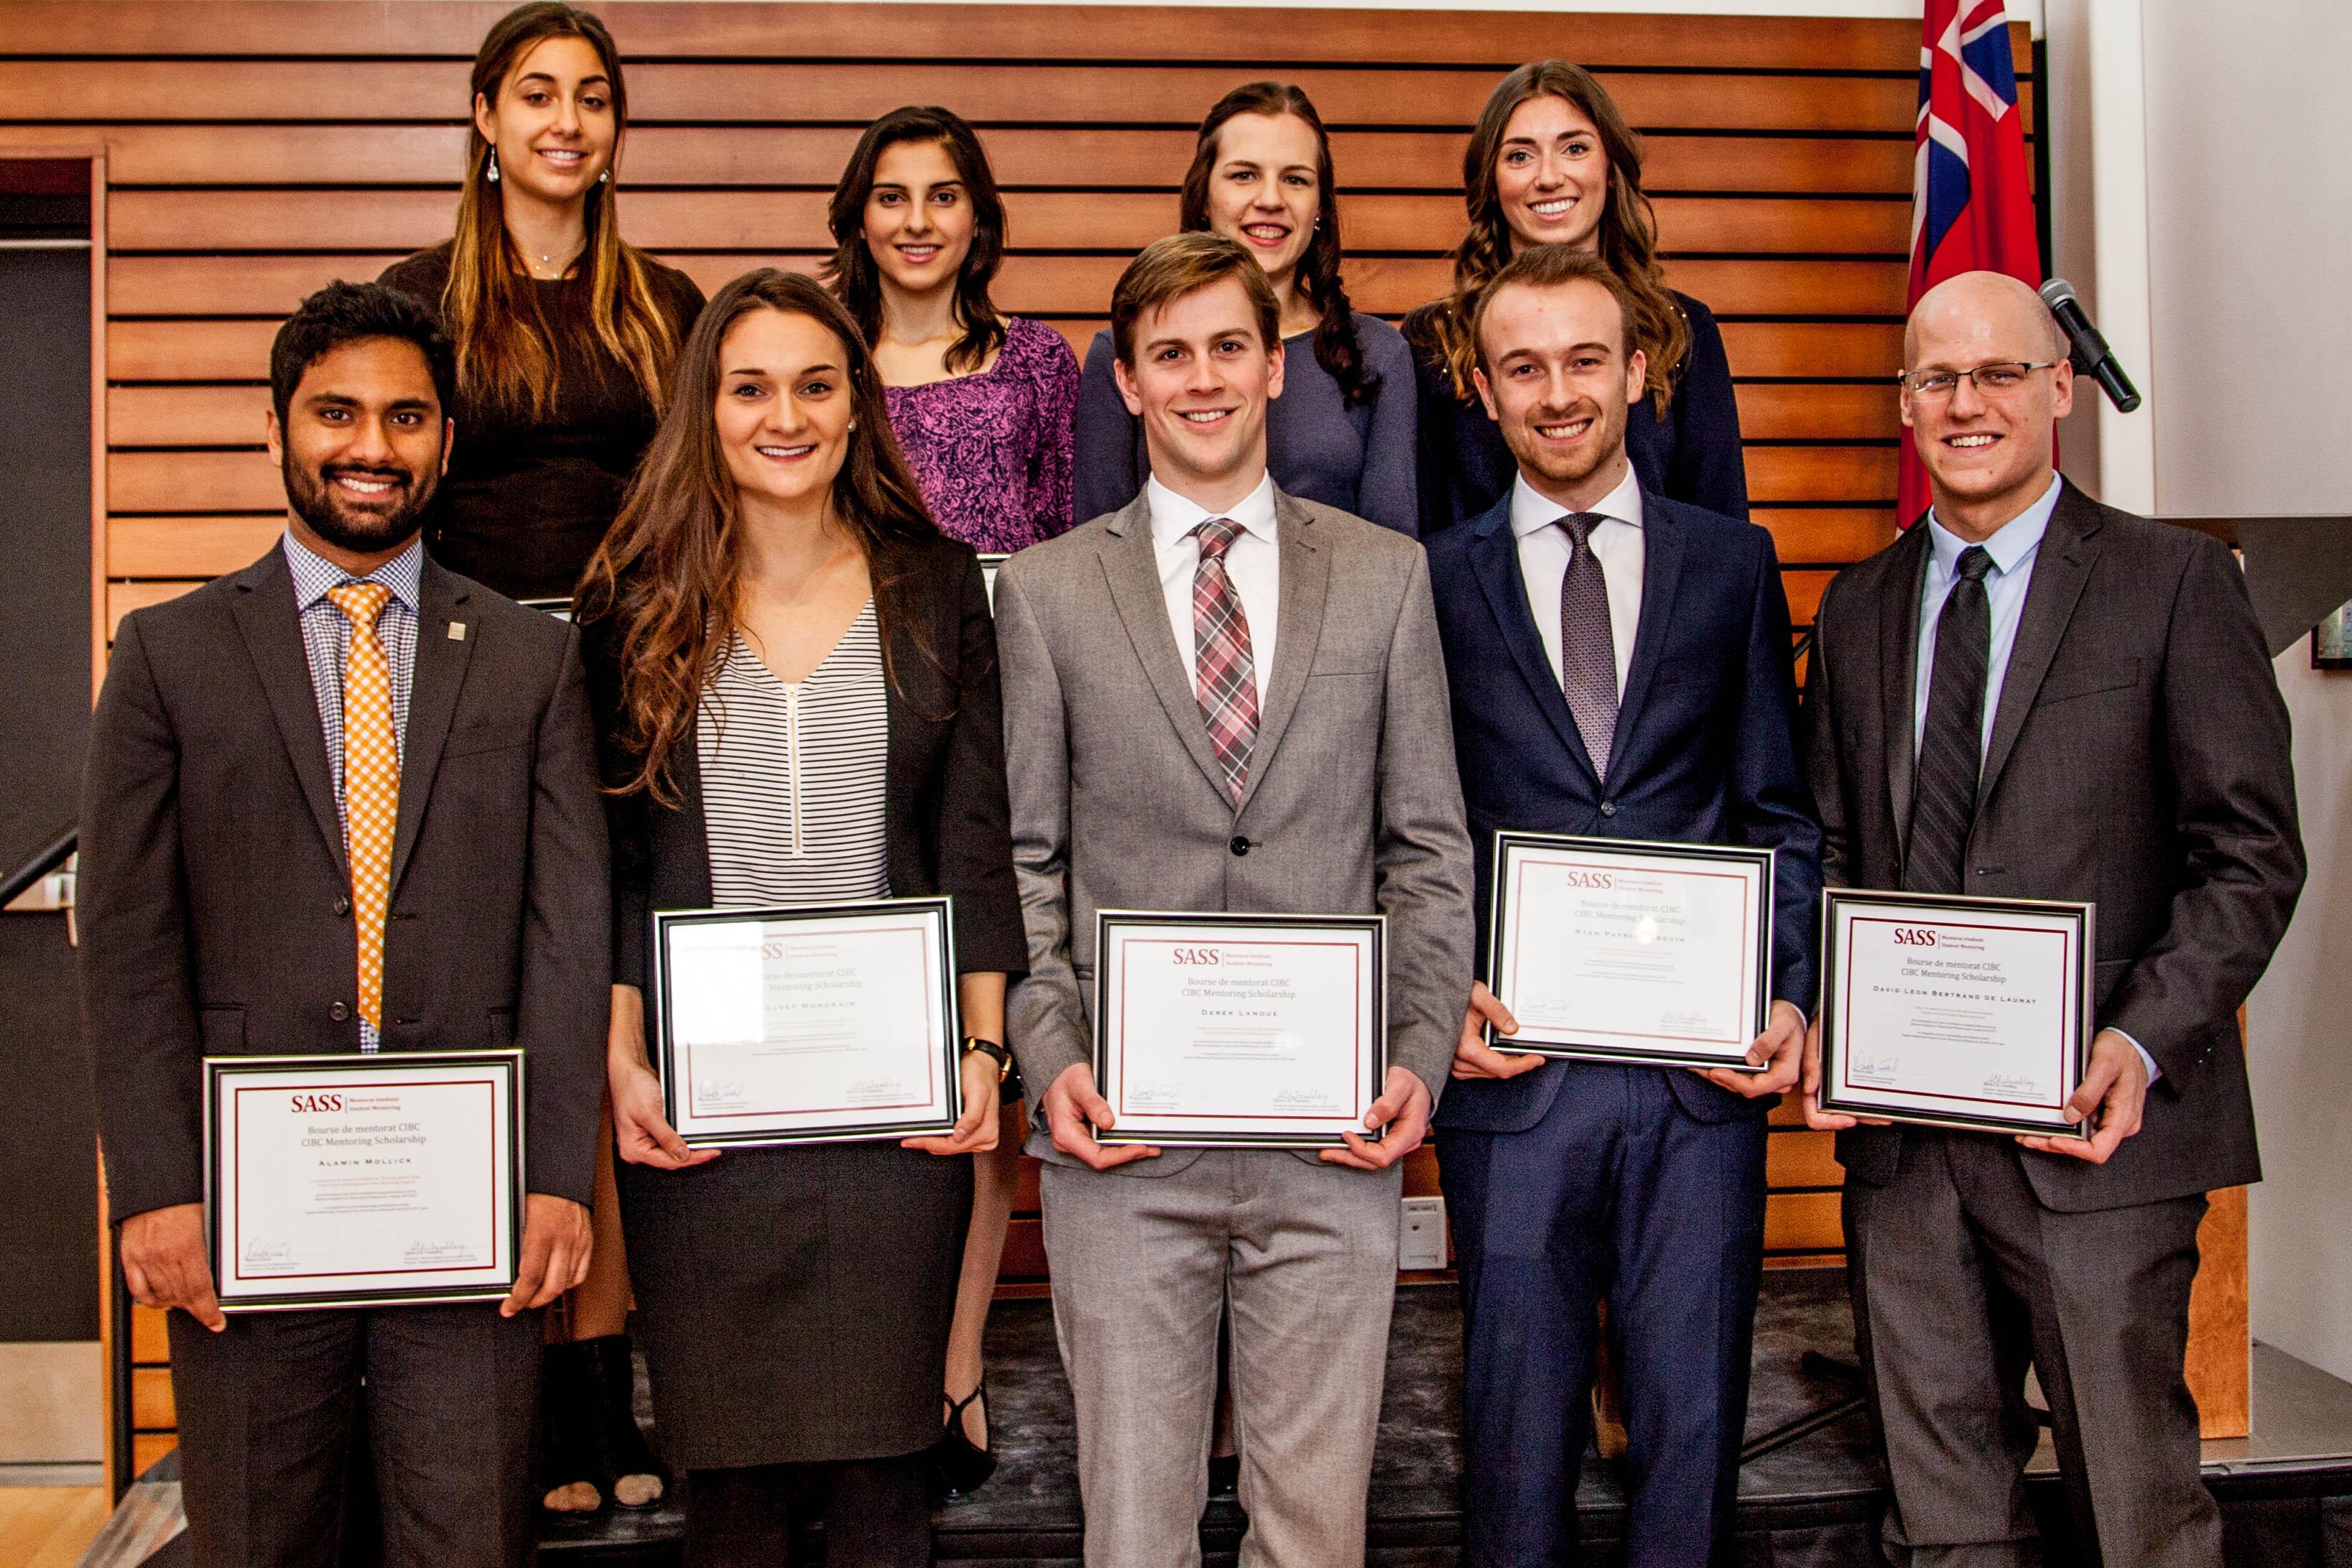 2016-2017 CIBC recipients